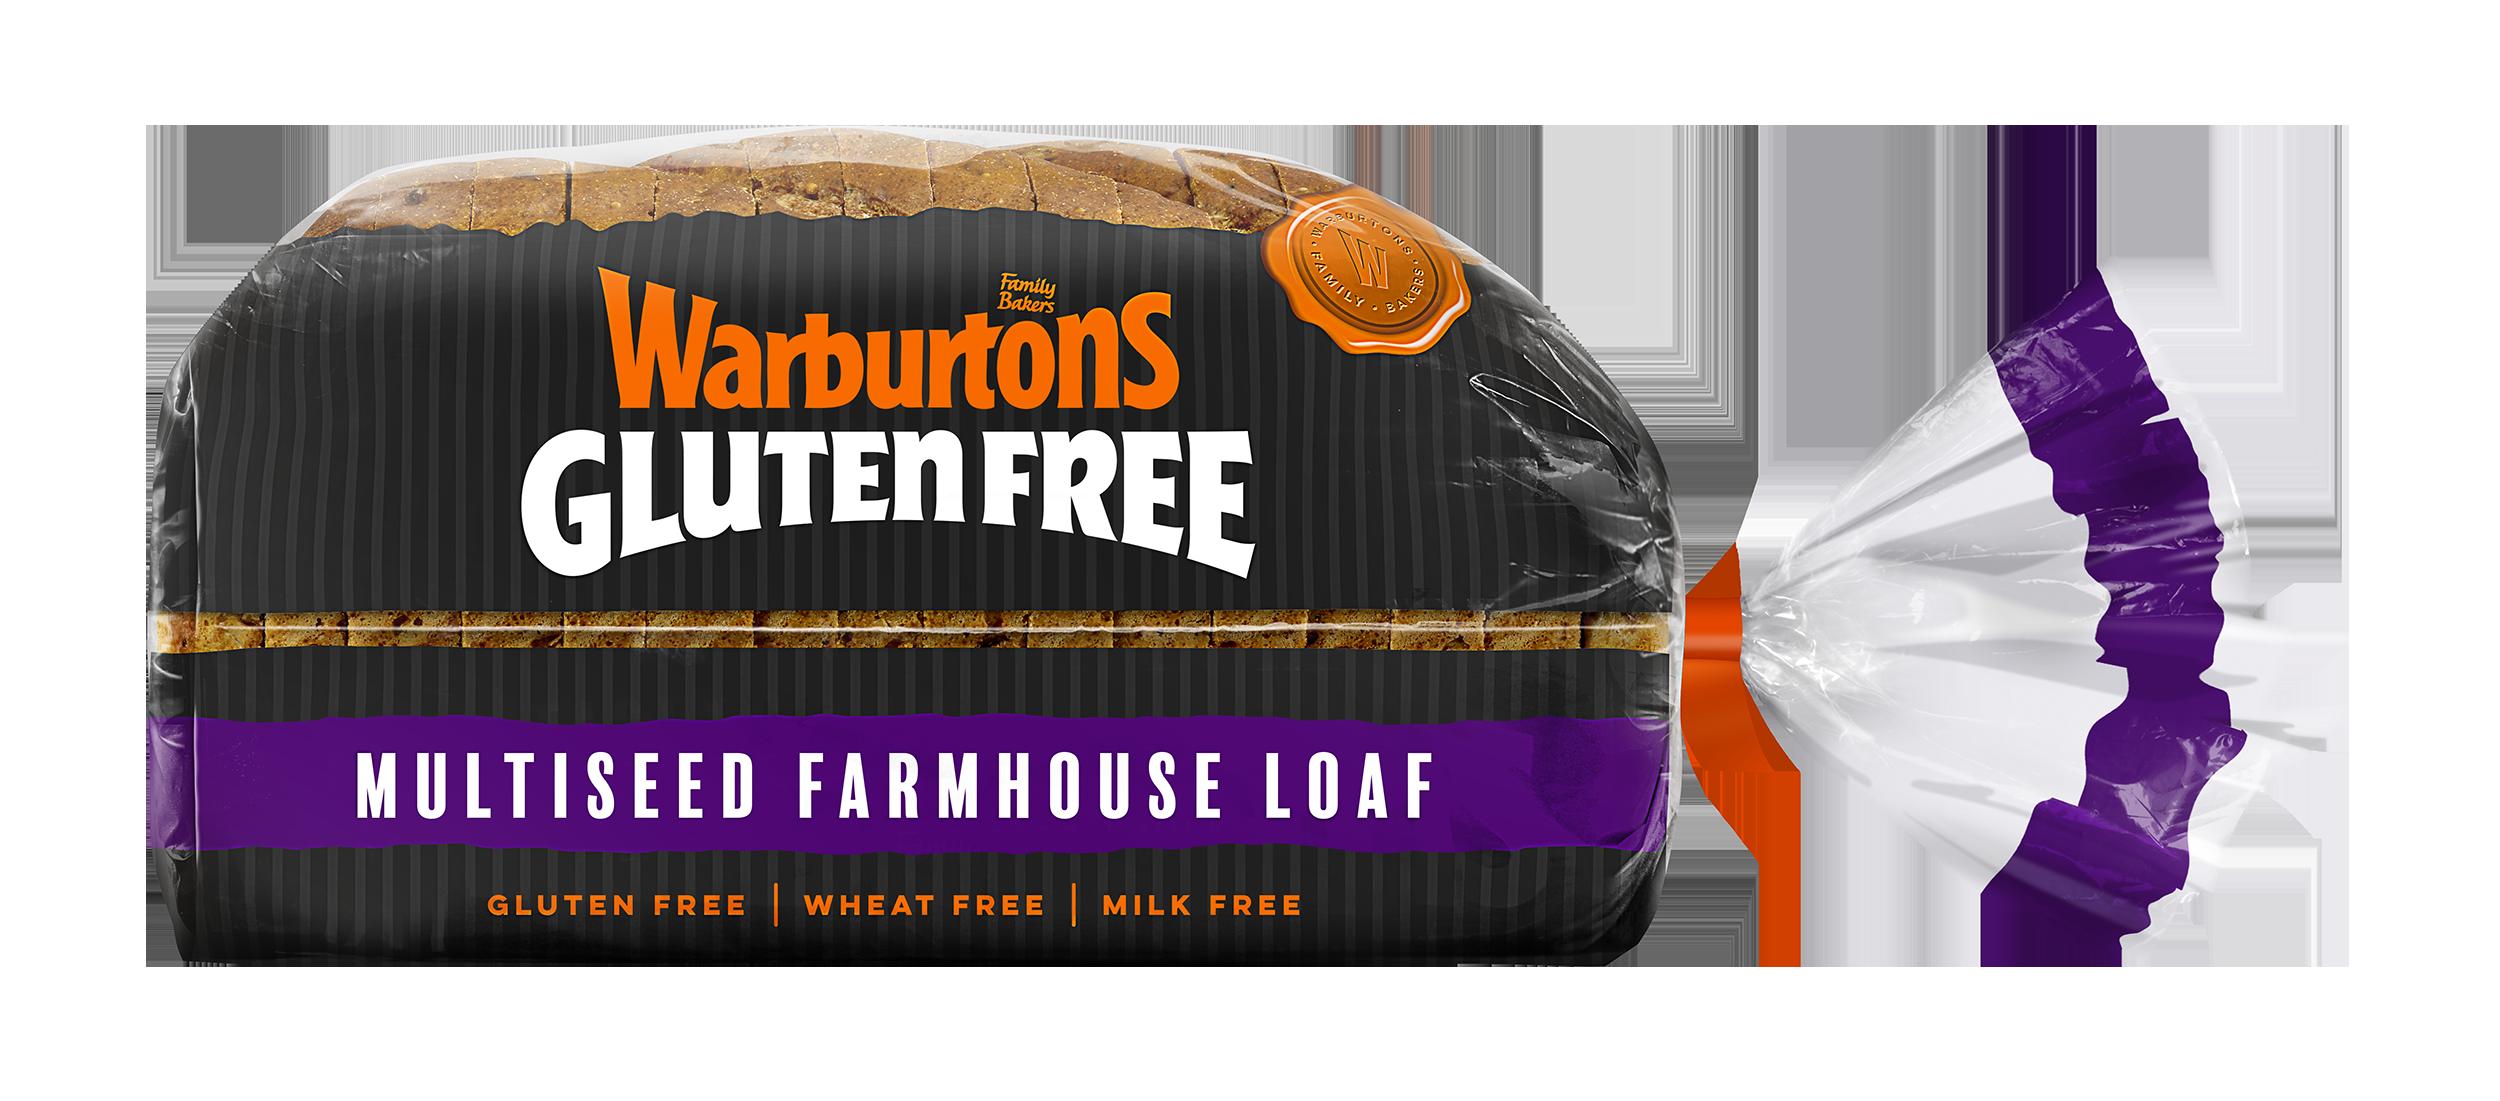 Multiseed Farmhouse Loaf